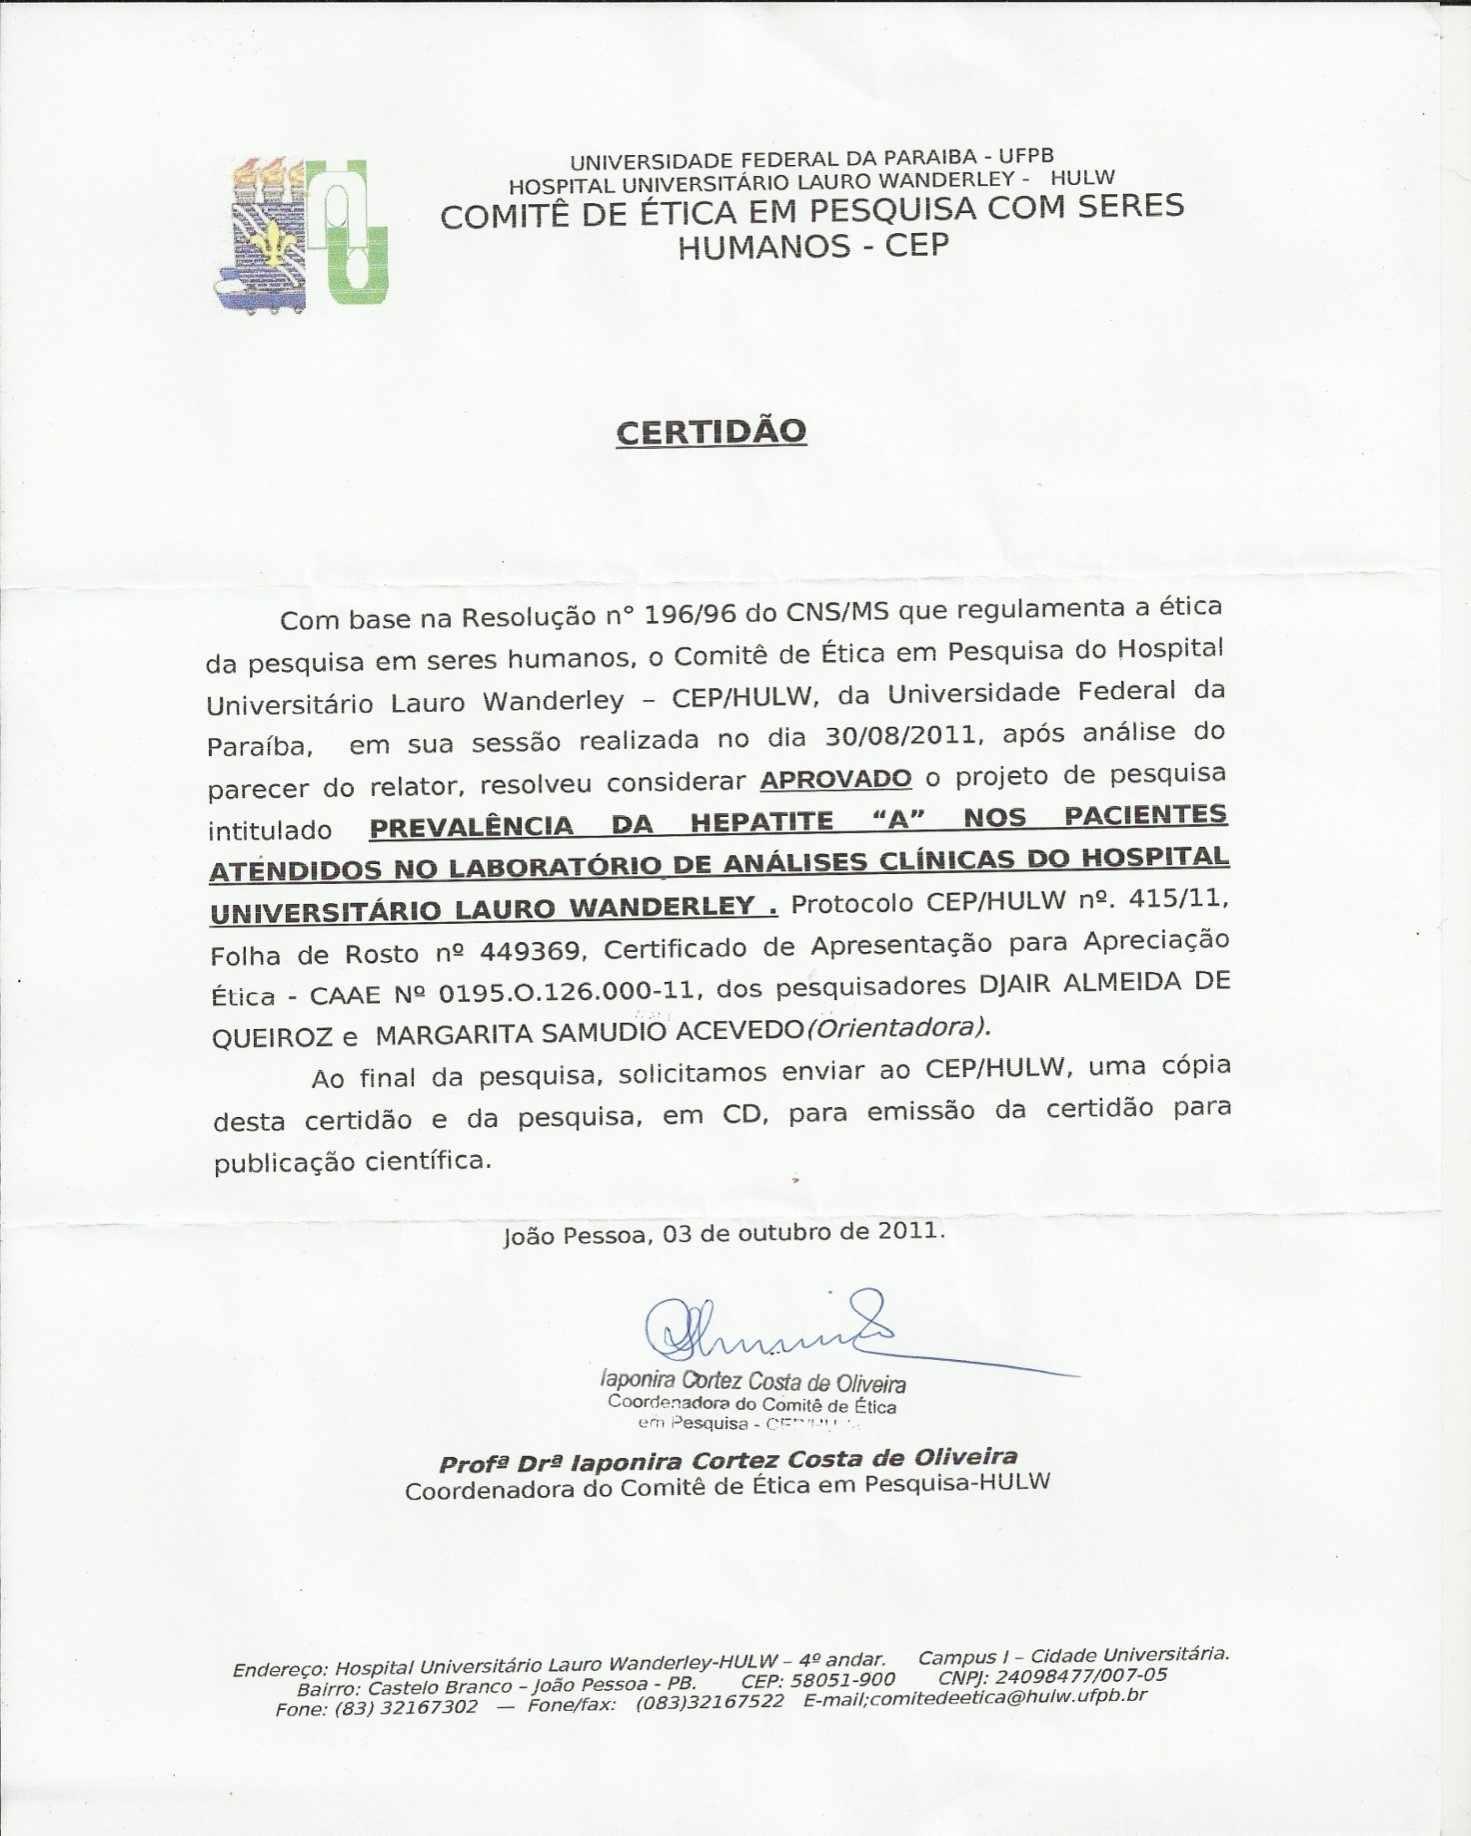 Apêndice A- CERTIDÃO - Comitê de Ética em Pesquisa com seres Humanos - CEP